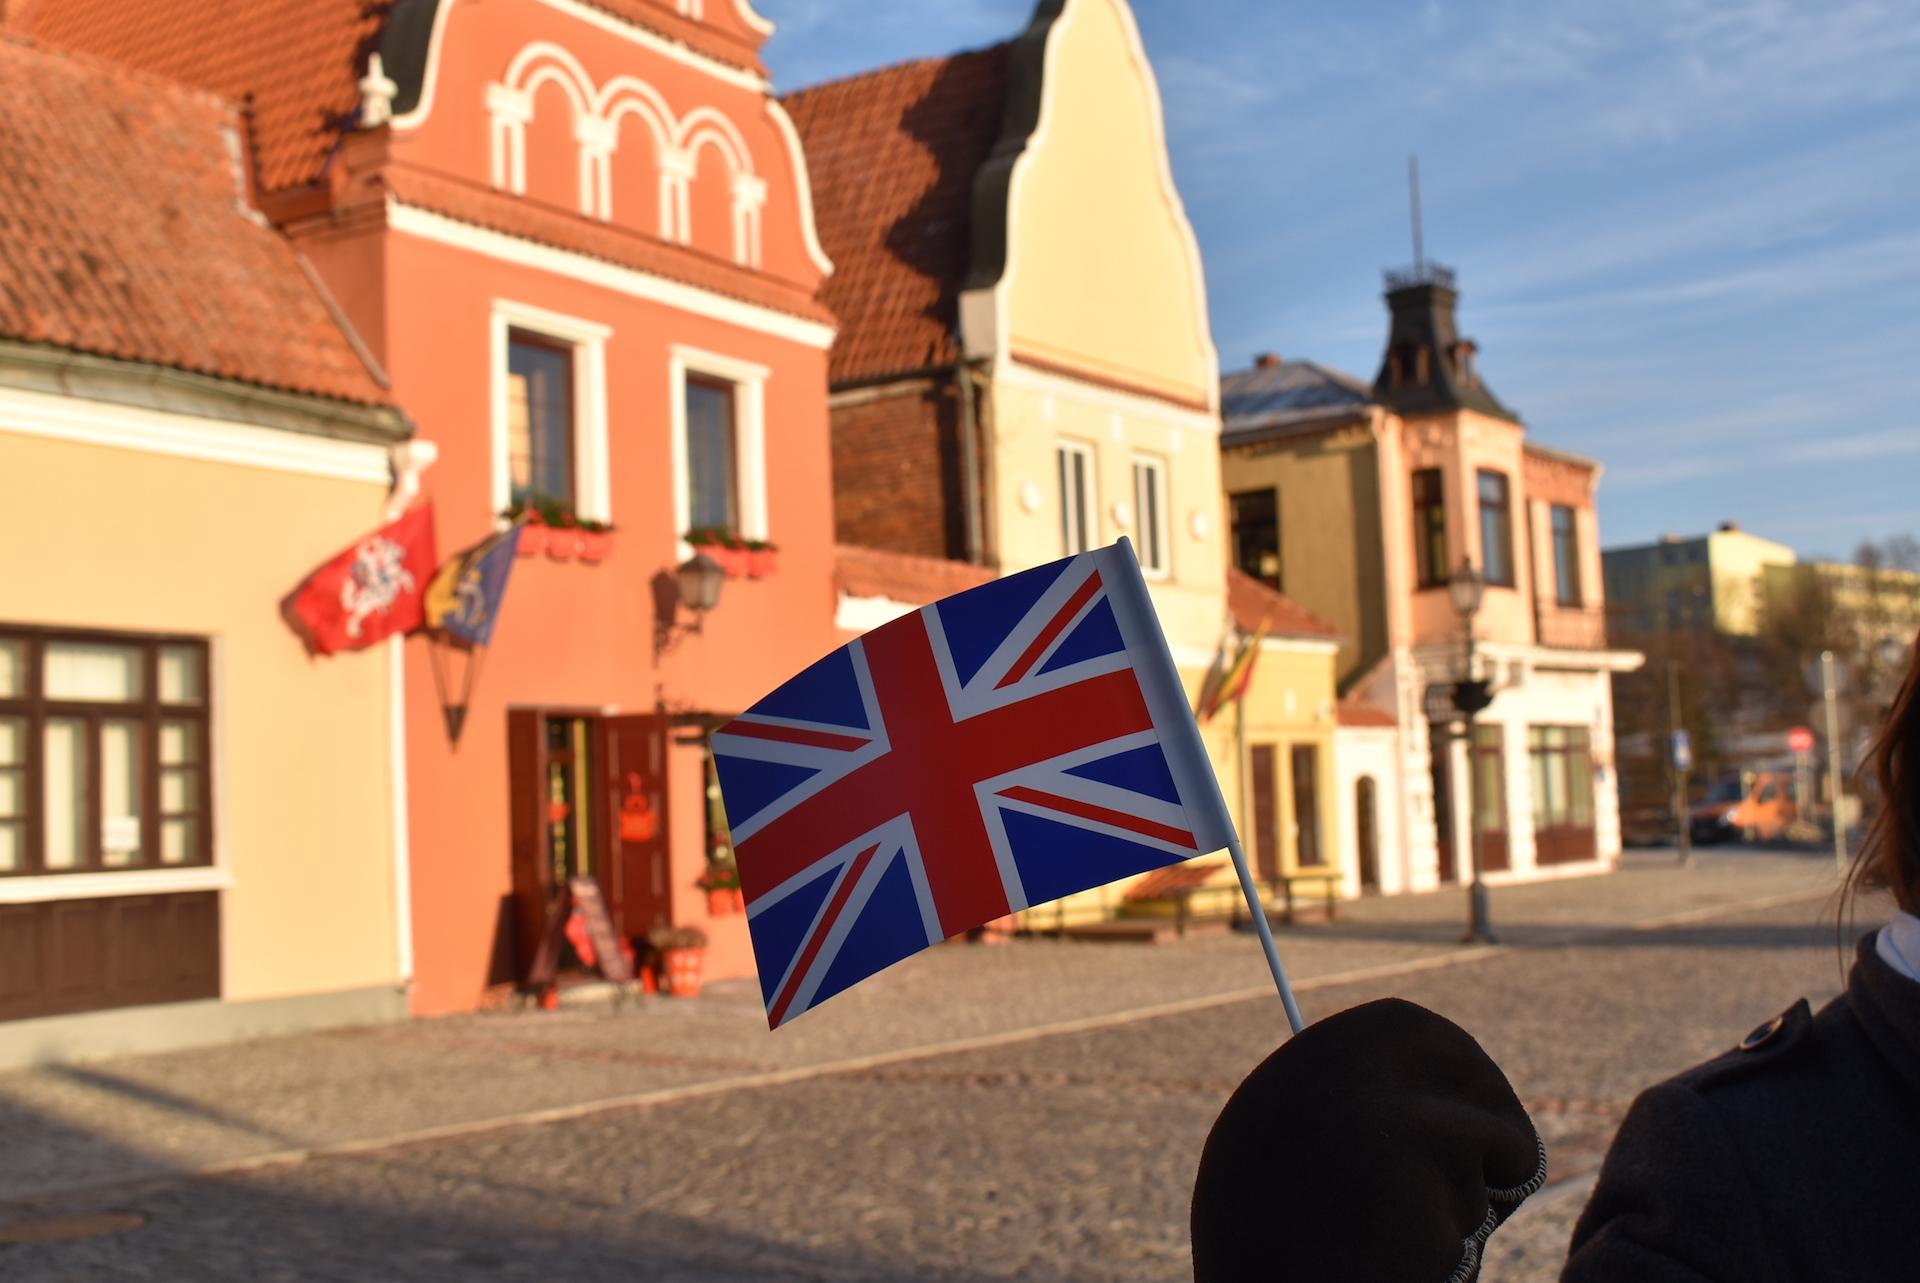 Dovana beveik užbaigta: Kėdainiai tapo 98-ąją oficialia Jungtinės Karalystės ambasadorės C. Lawrence stotele Valstybės atkūrimo šimtmetį mininčioje Lietuvoje. JK ambasados Lietuvoje nuotr.